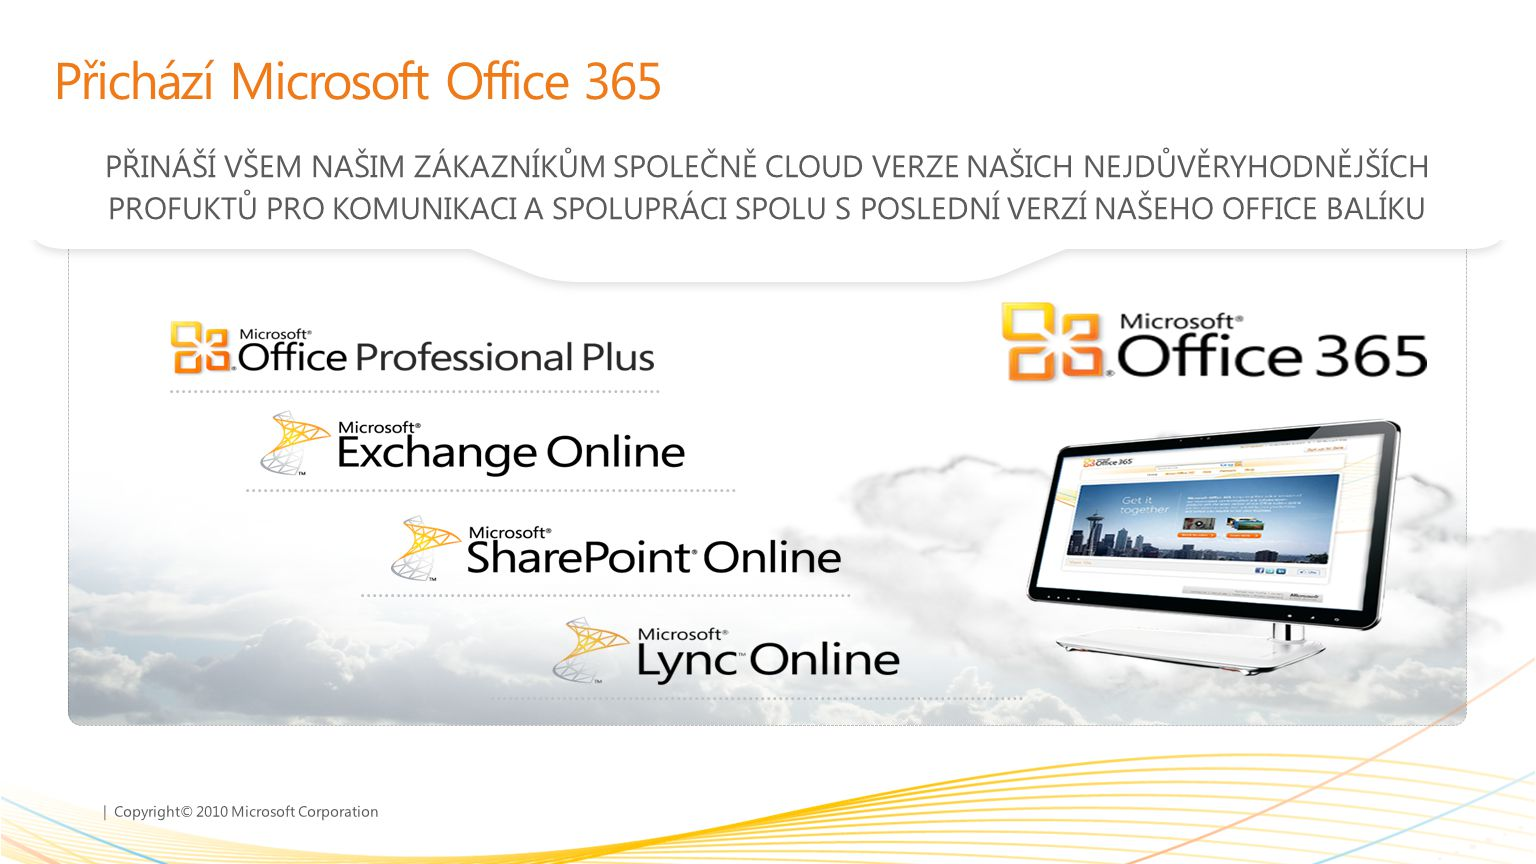 | Copyright© 2010 Microsoft Corporation Přichází Microsoft Office 365 PŘINÁŠÍ VŠEM NAŠIM ZÁKAZNÍKŮM SPOLEČNĚ CLOUD VERZE NAŠICH NEJDŮVĚRYHODNĚJŠÍCH PR